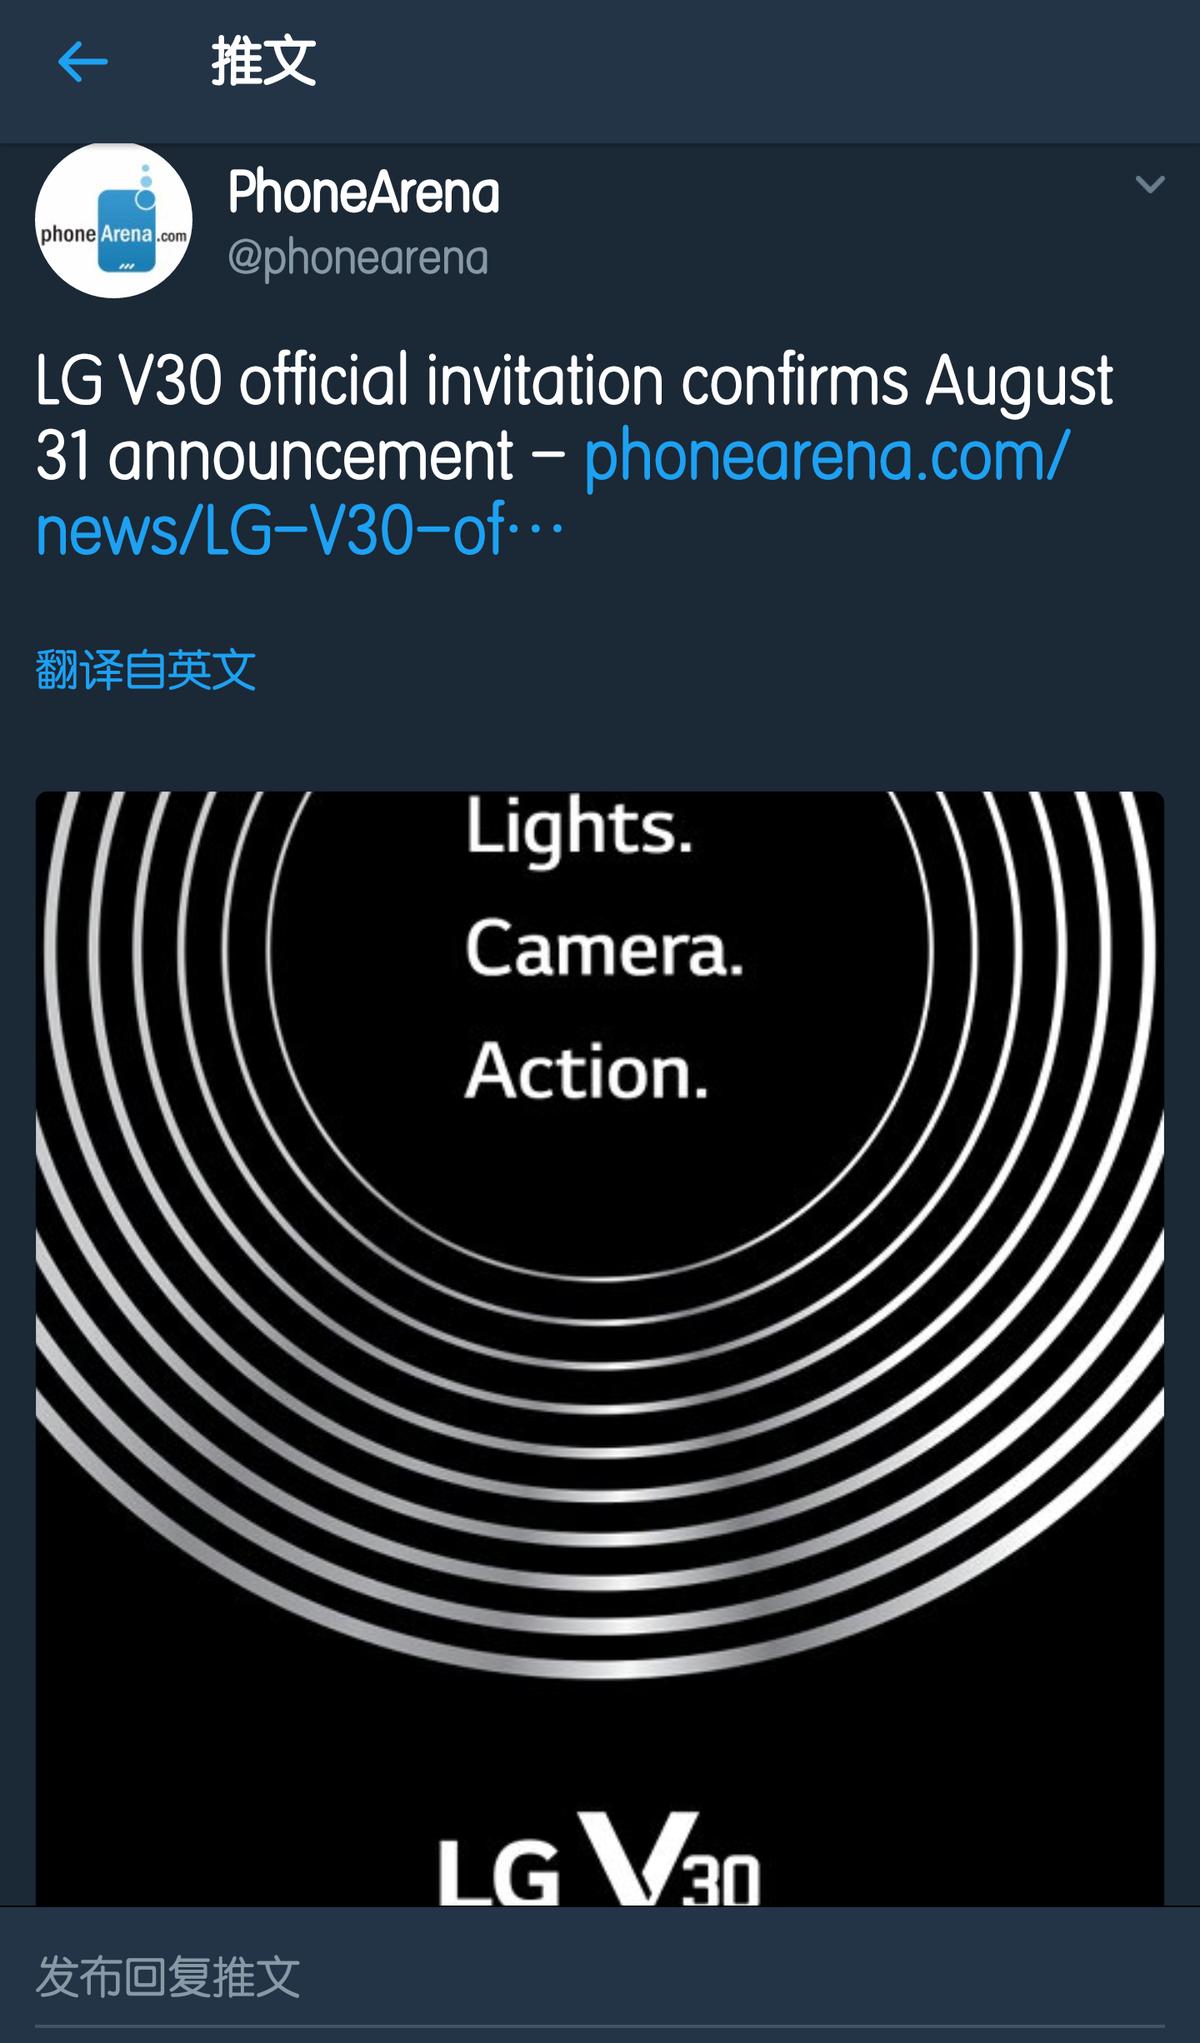 太阳城娱乐LG_V30邀请函曝光:确